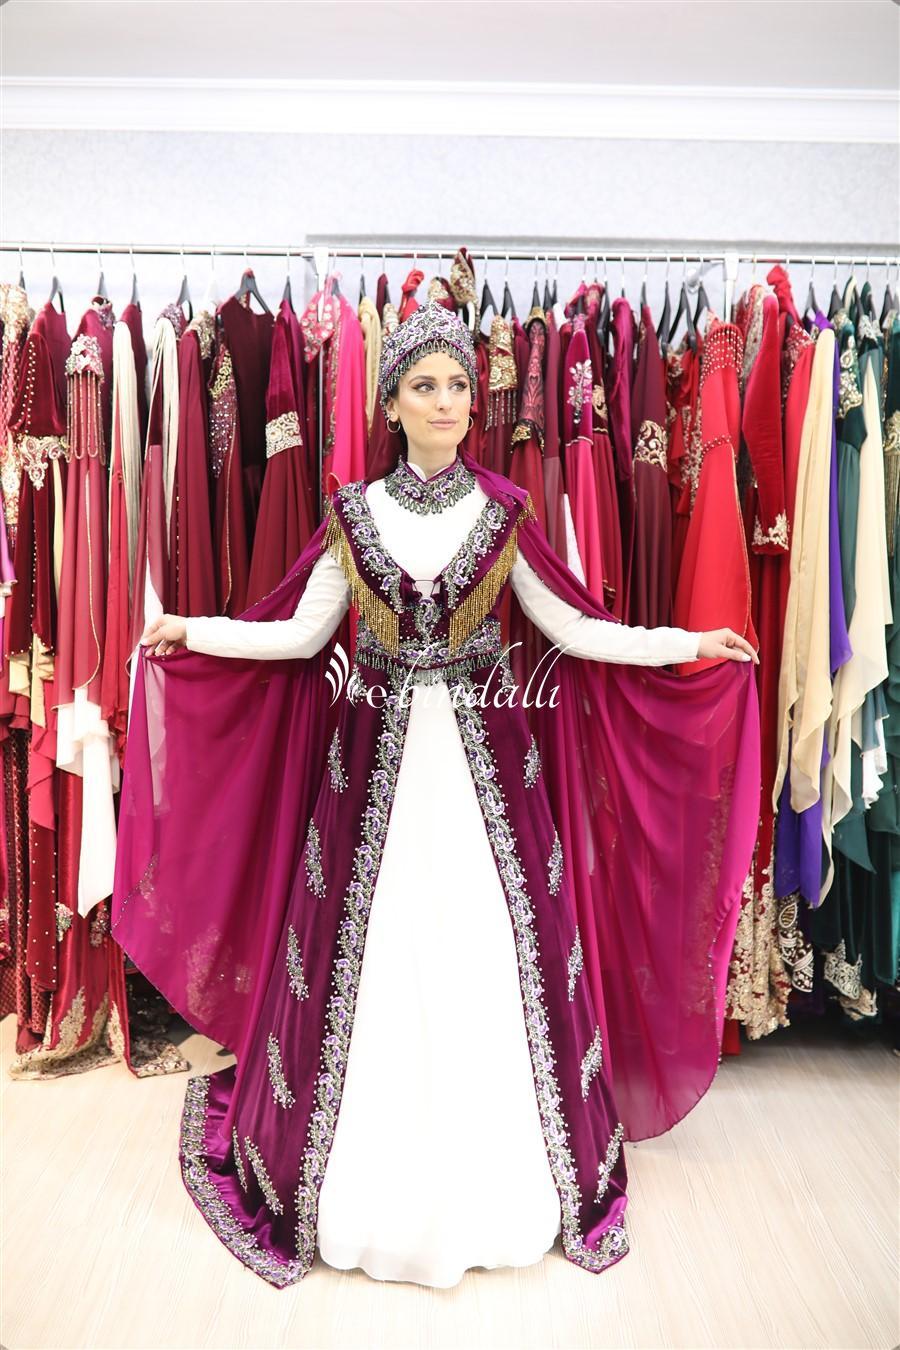 Kiralık Tesettür Bindallı Madonna 36-38 Beden (izmir mağaza)